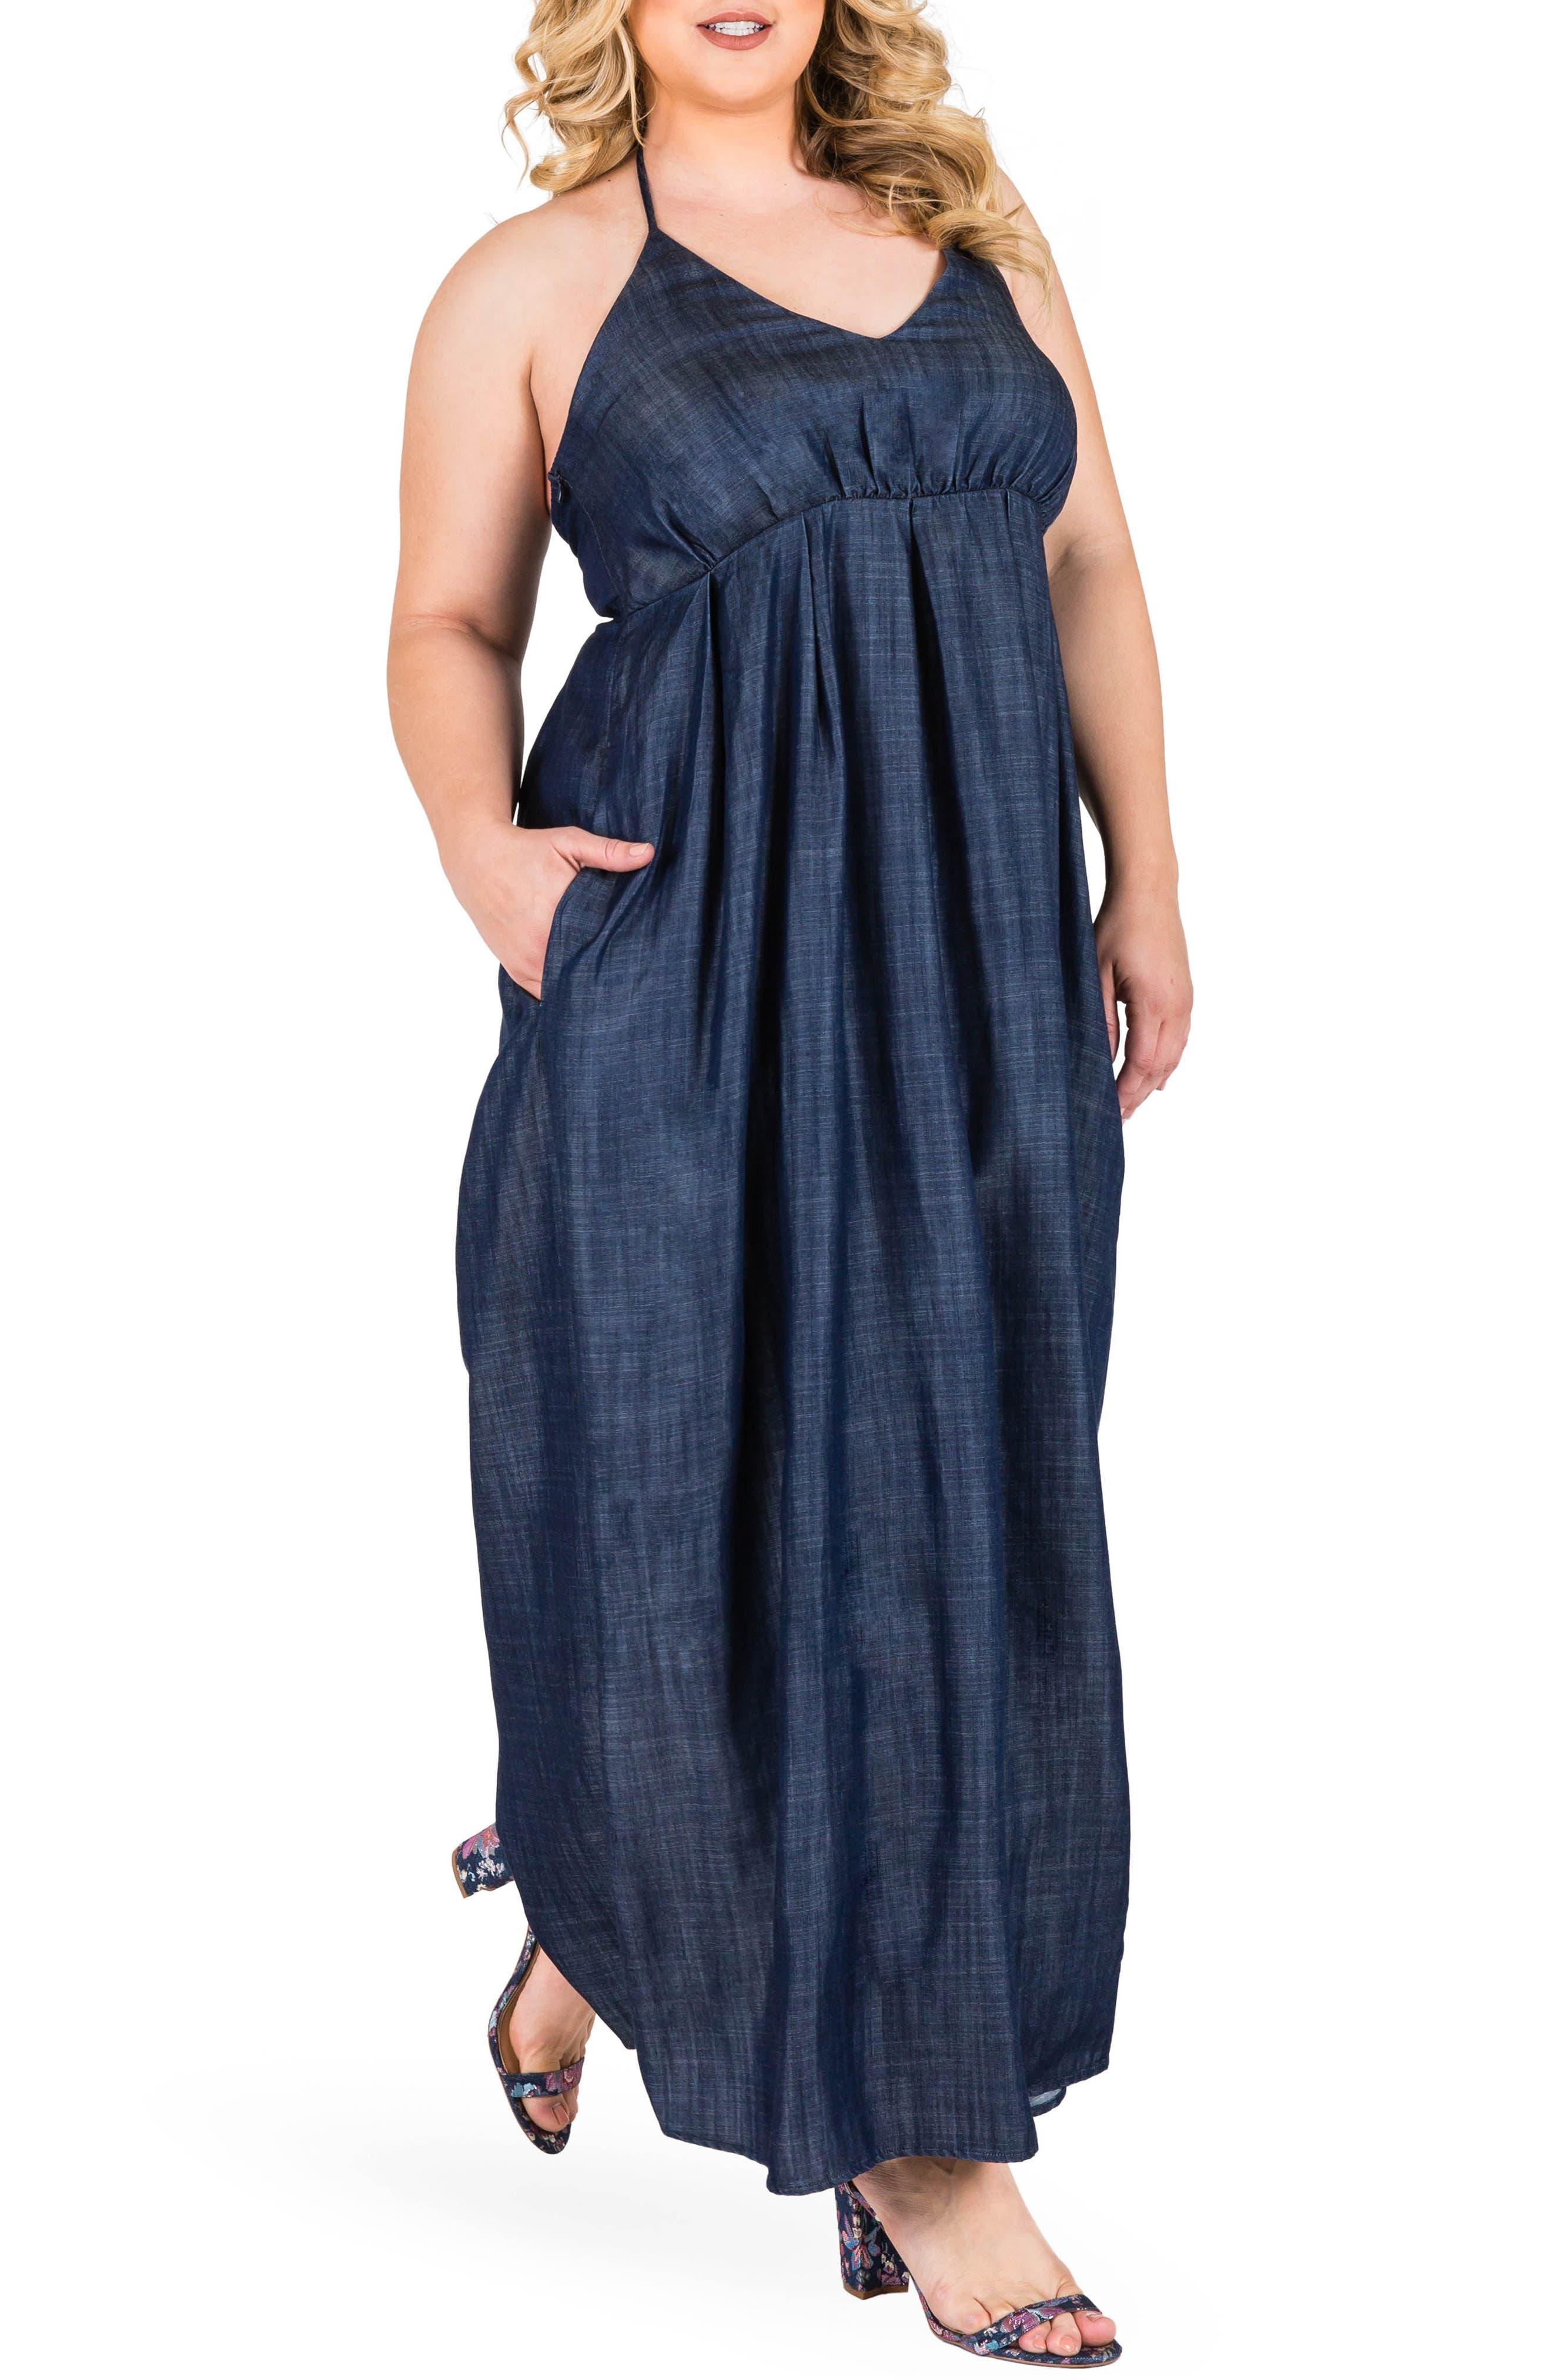 Maui Maxi Chambray Halter Dress,                             Main thumbnail 1, color,                             DARK BLUE